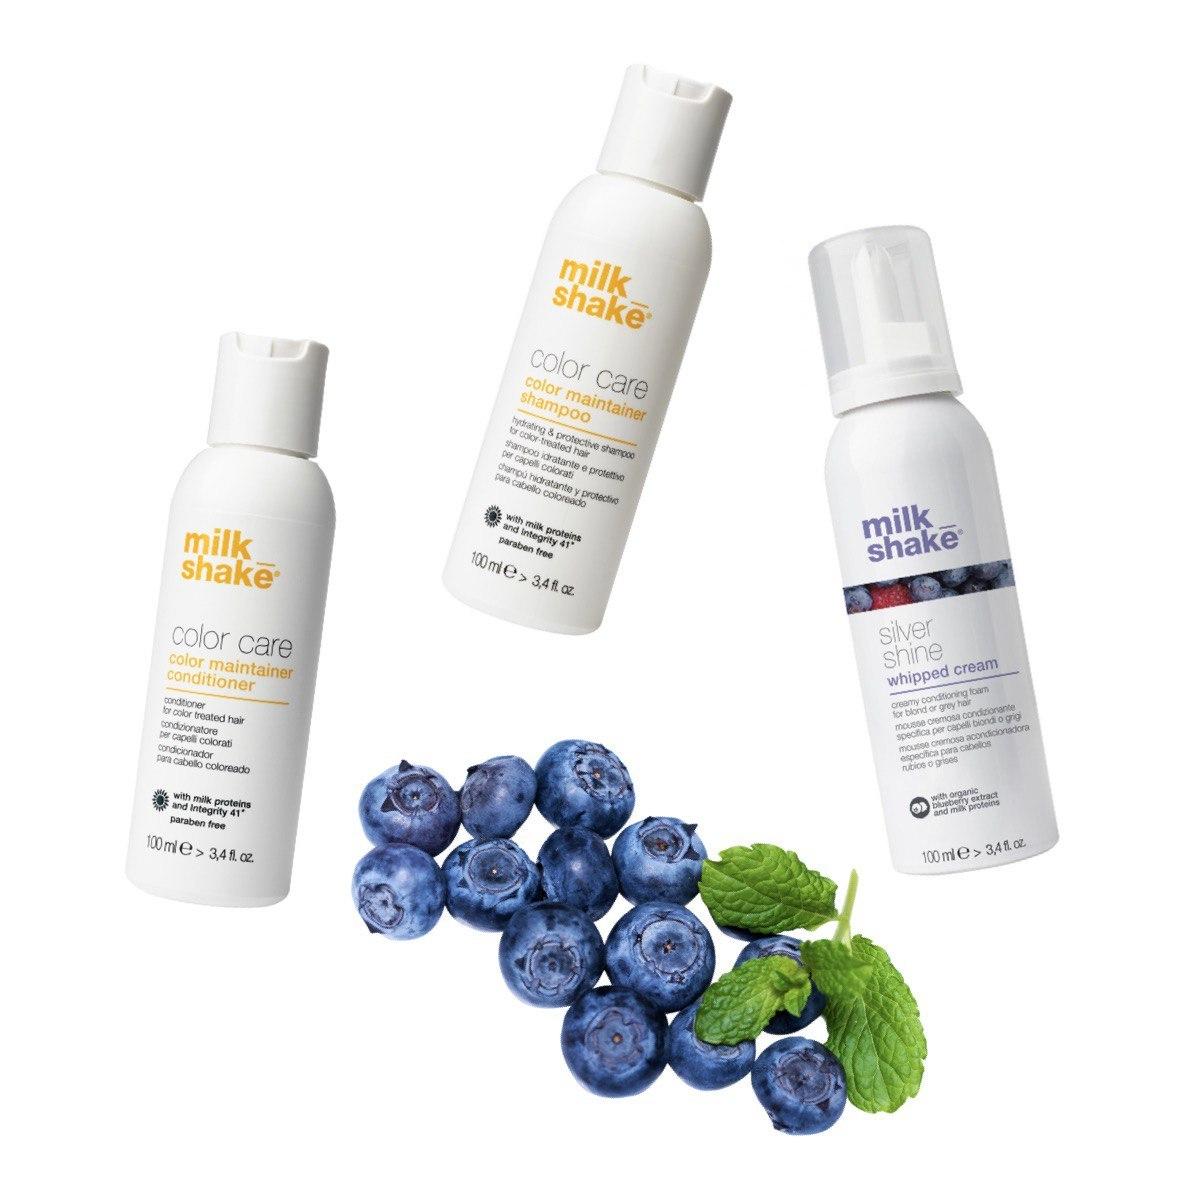 Тревел-набор для защиты цвета волос milk_shake Сolor Care #3